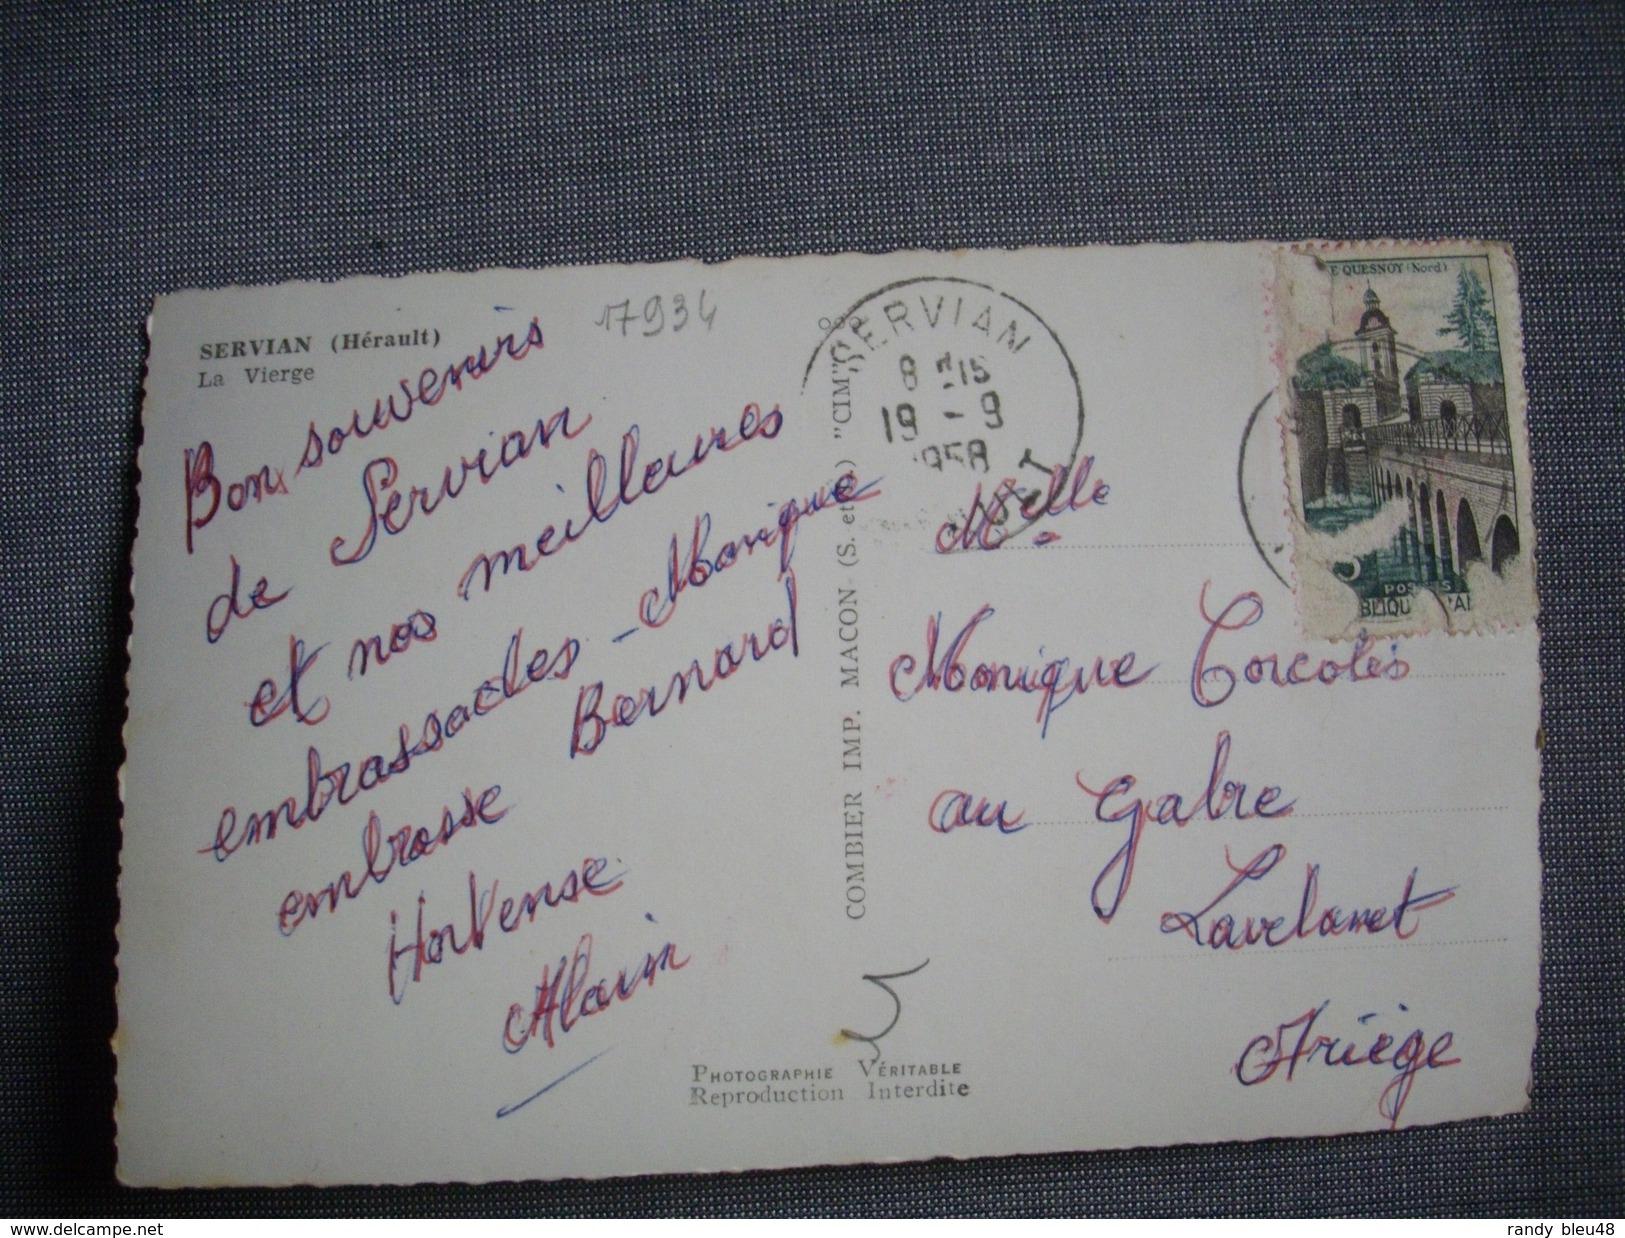 SERVIAN  -  34  -  La Vierge  -  Hérault - France